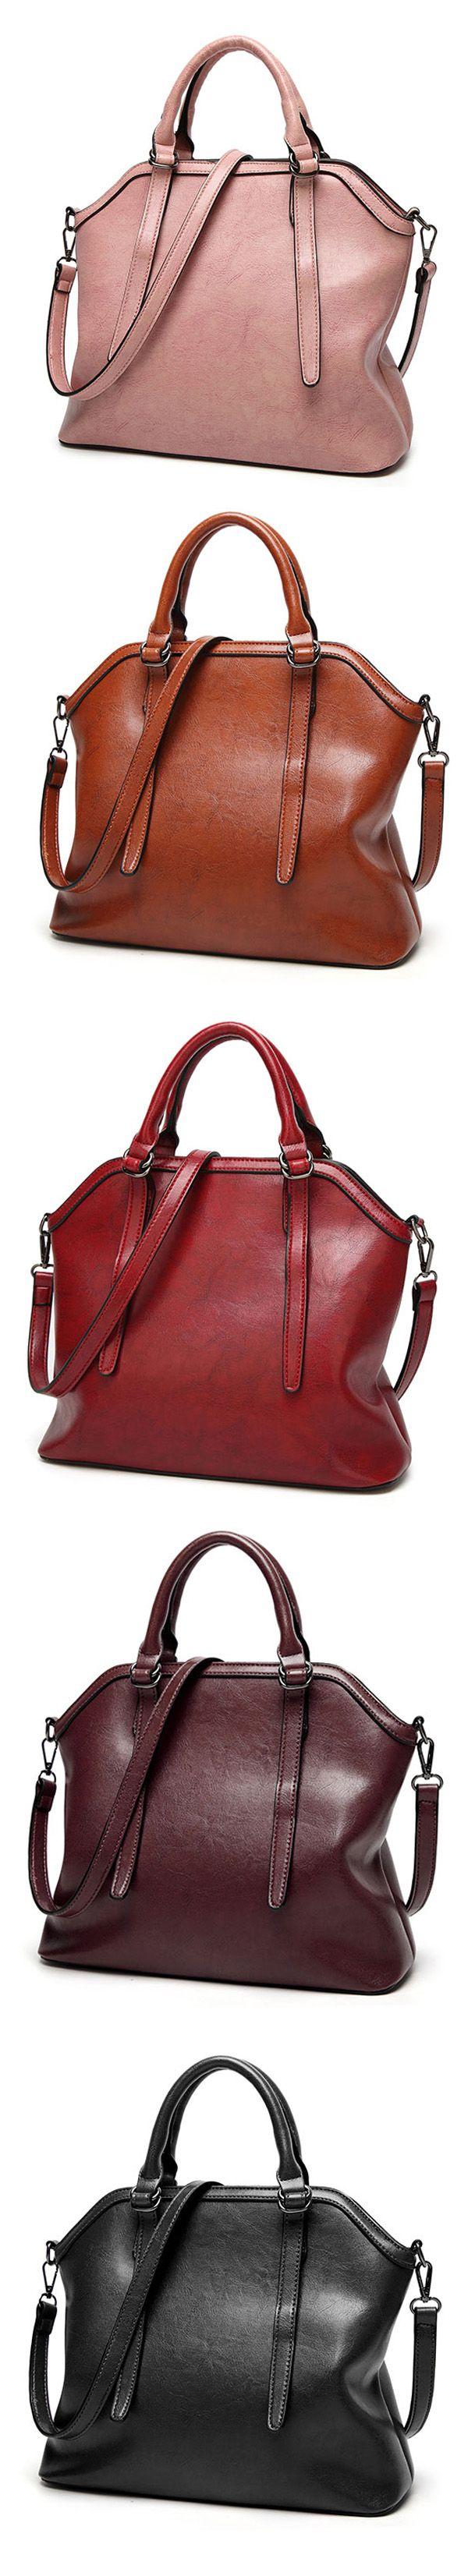 US$41.41  Ekphero Vintage PU Leather Handbag Shoulder Bag Crossbody Bag For Women